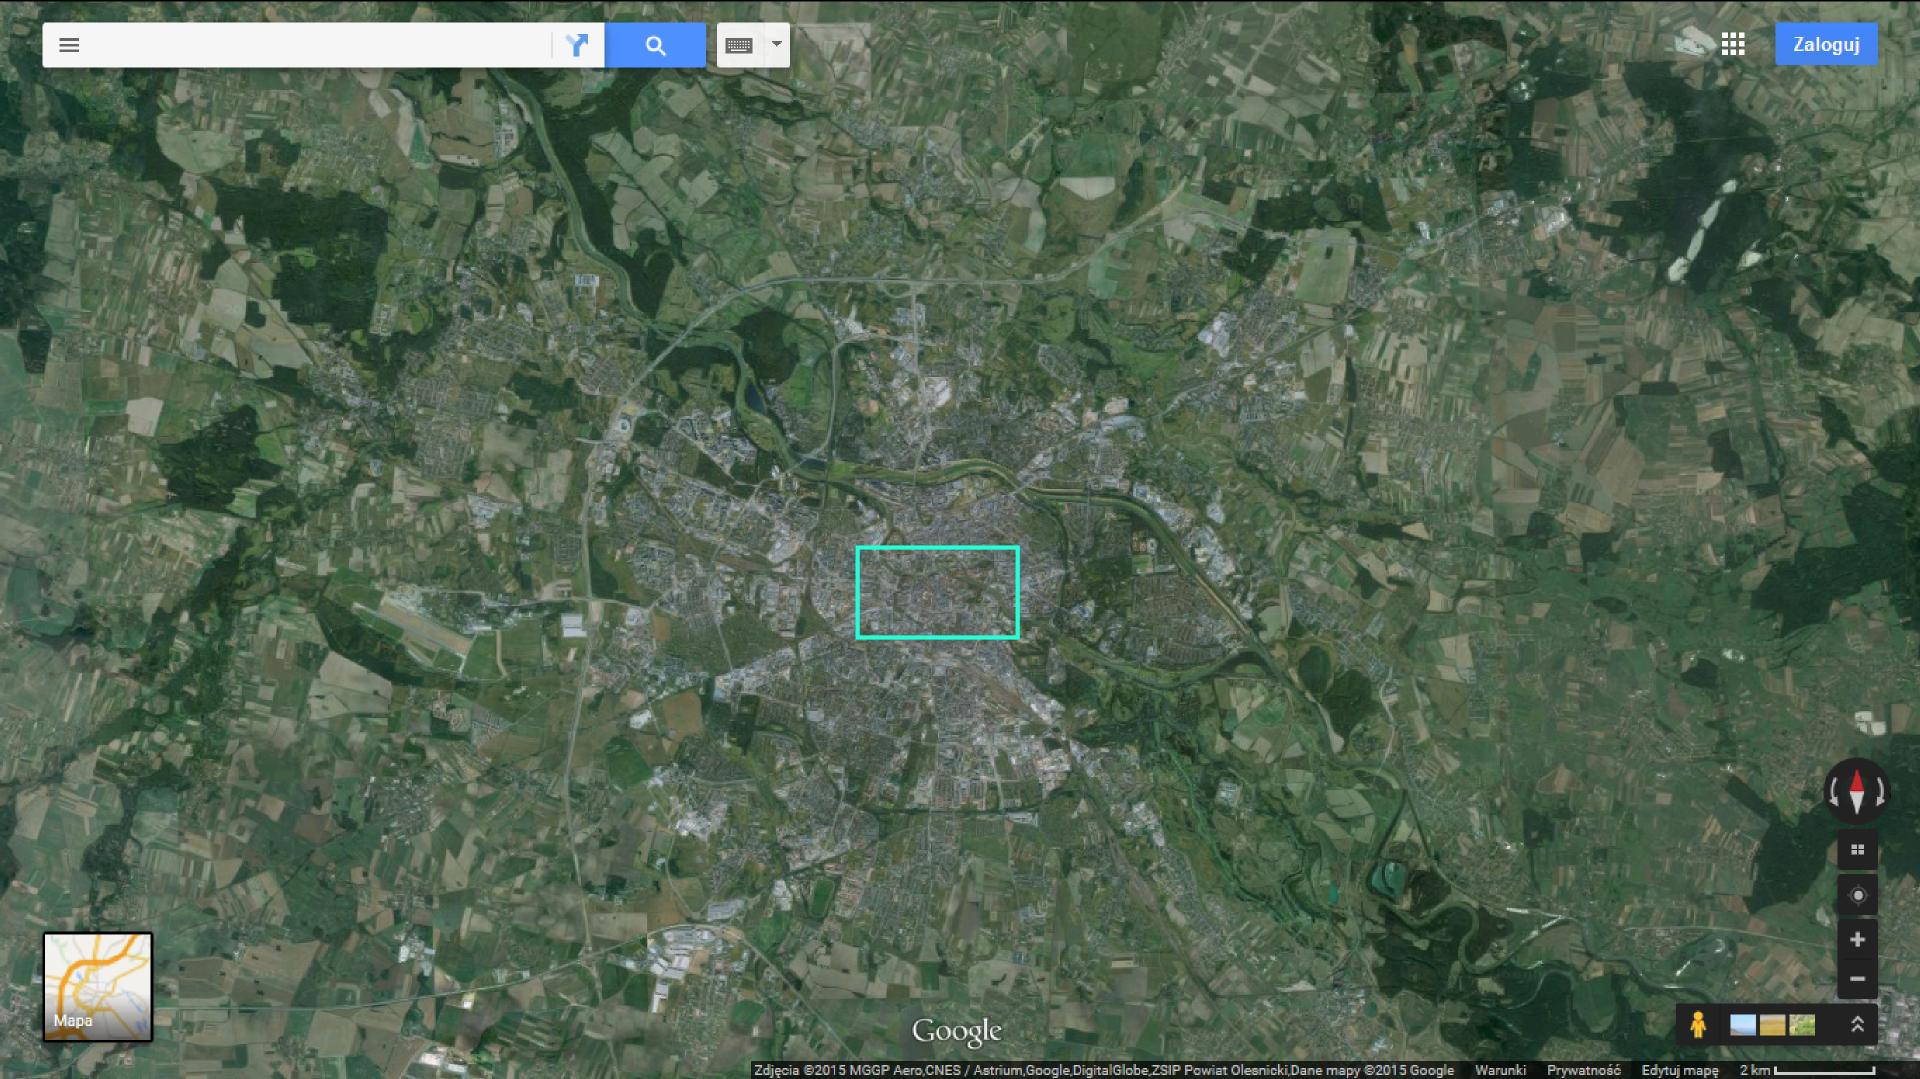 Fotografia pierwsza przedstawia satelitarny obraz Wrocławia iokolic. Dominuje barwa zielona. Ciemnozielone obszary to parki ilasy. Zabudowa miasta Wrocławia ma kolor szary.